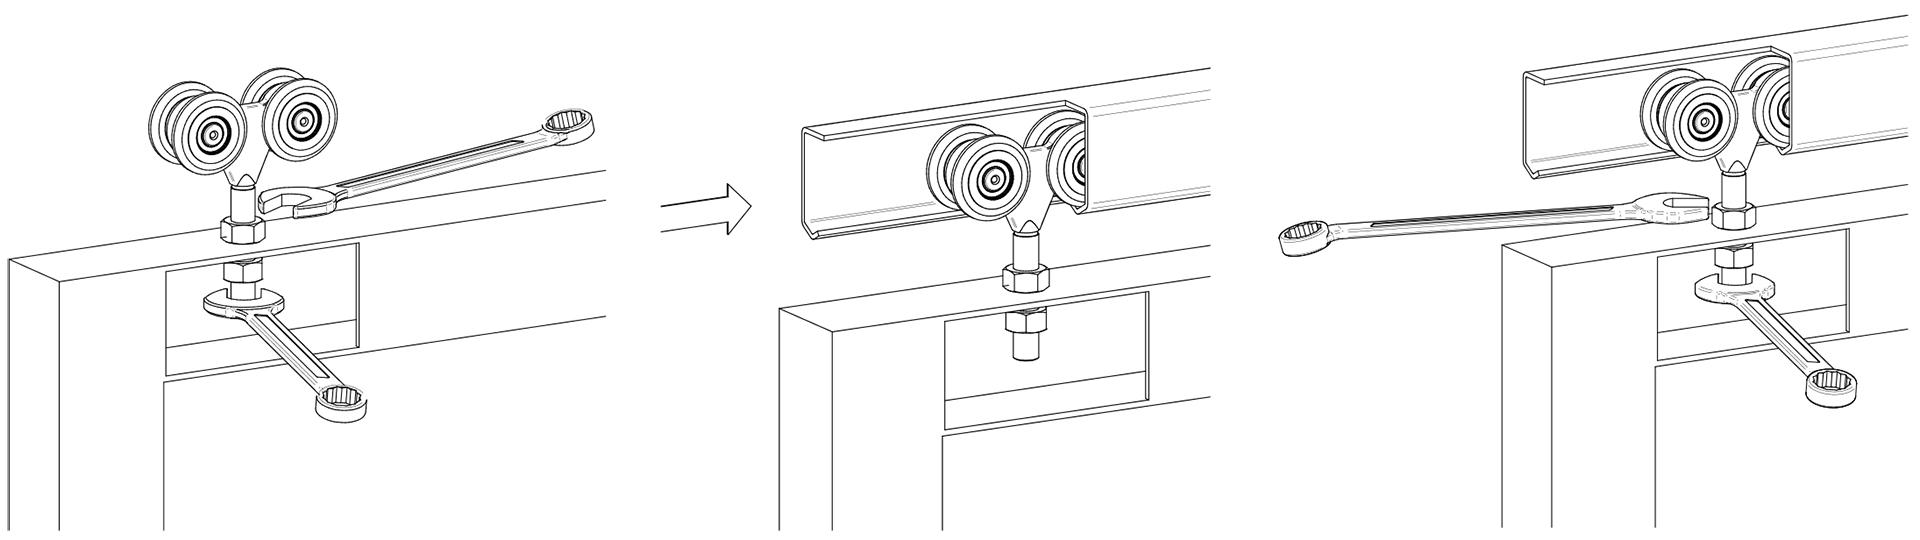 Γκαραζόπορτες, μηχανισμός για συρόμενες κρεμαστές